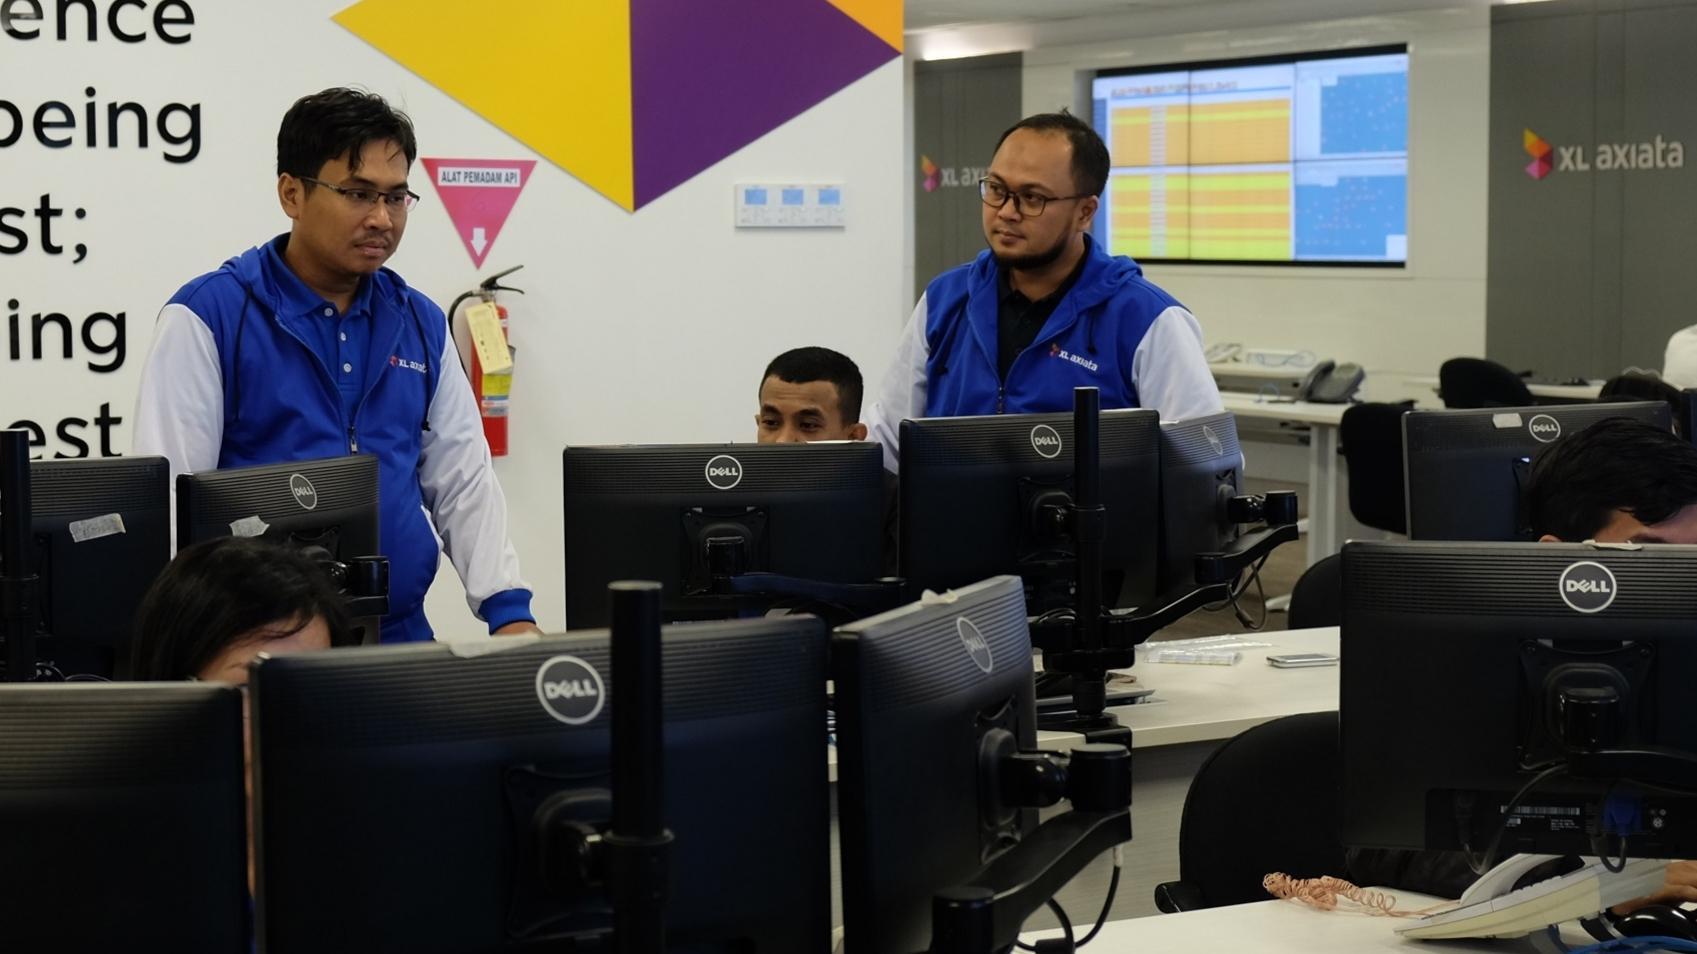 XL Axiata Sudah Siapkan Jaringan Untuk Kenaikan Trafik Saat Pemilu